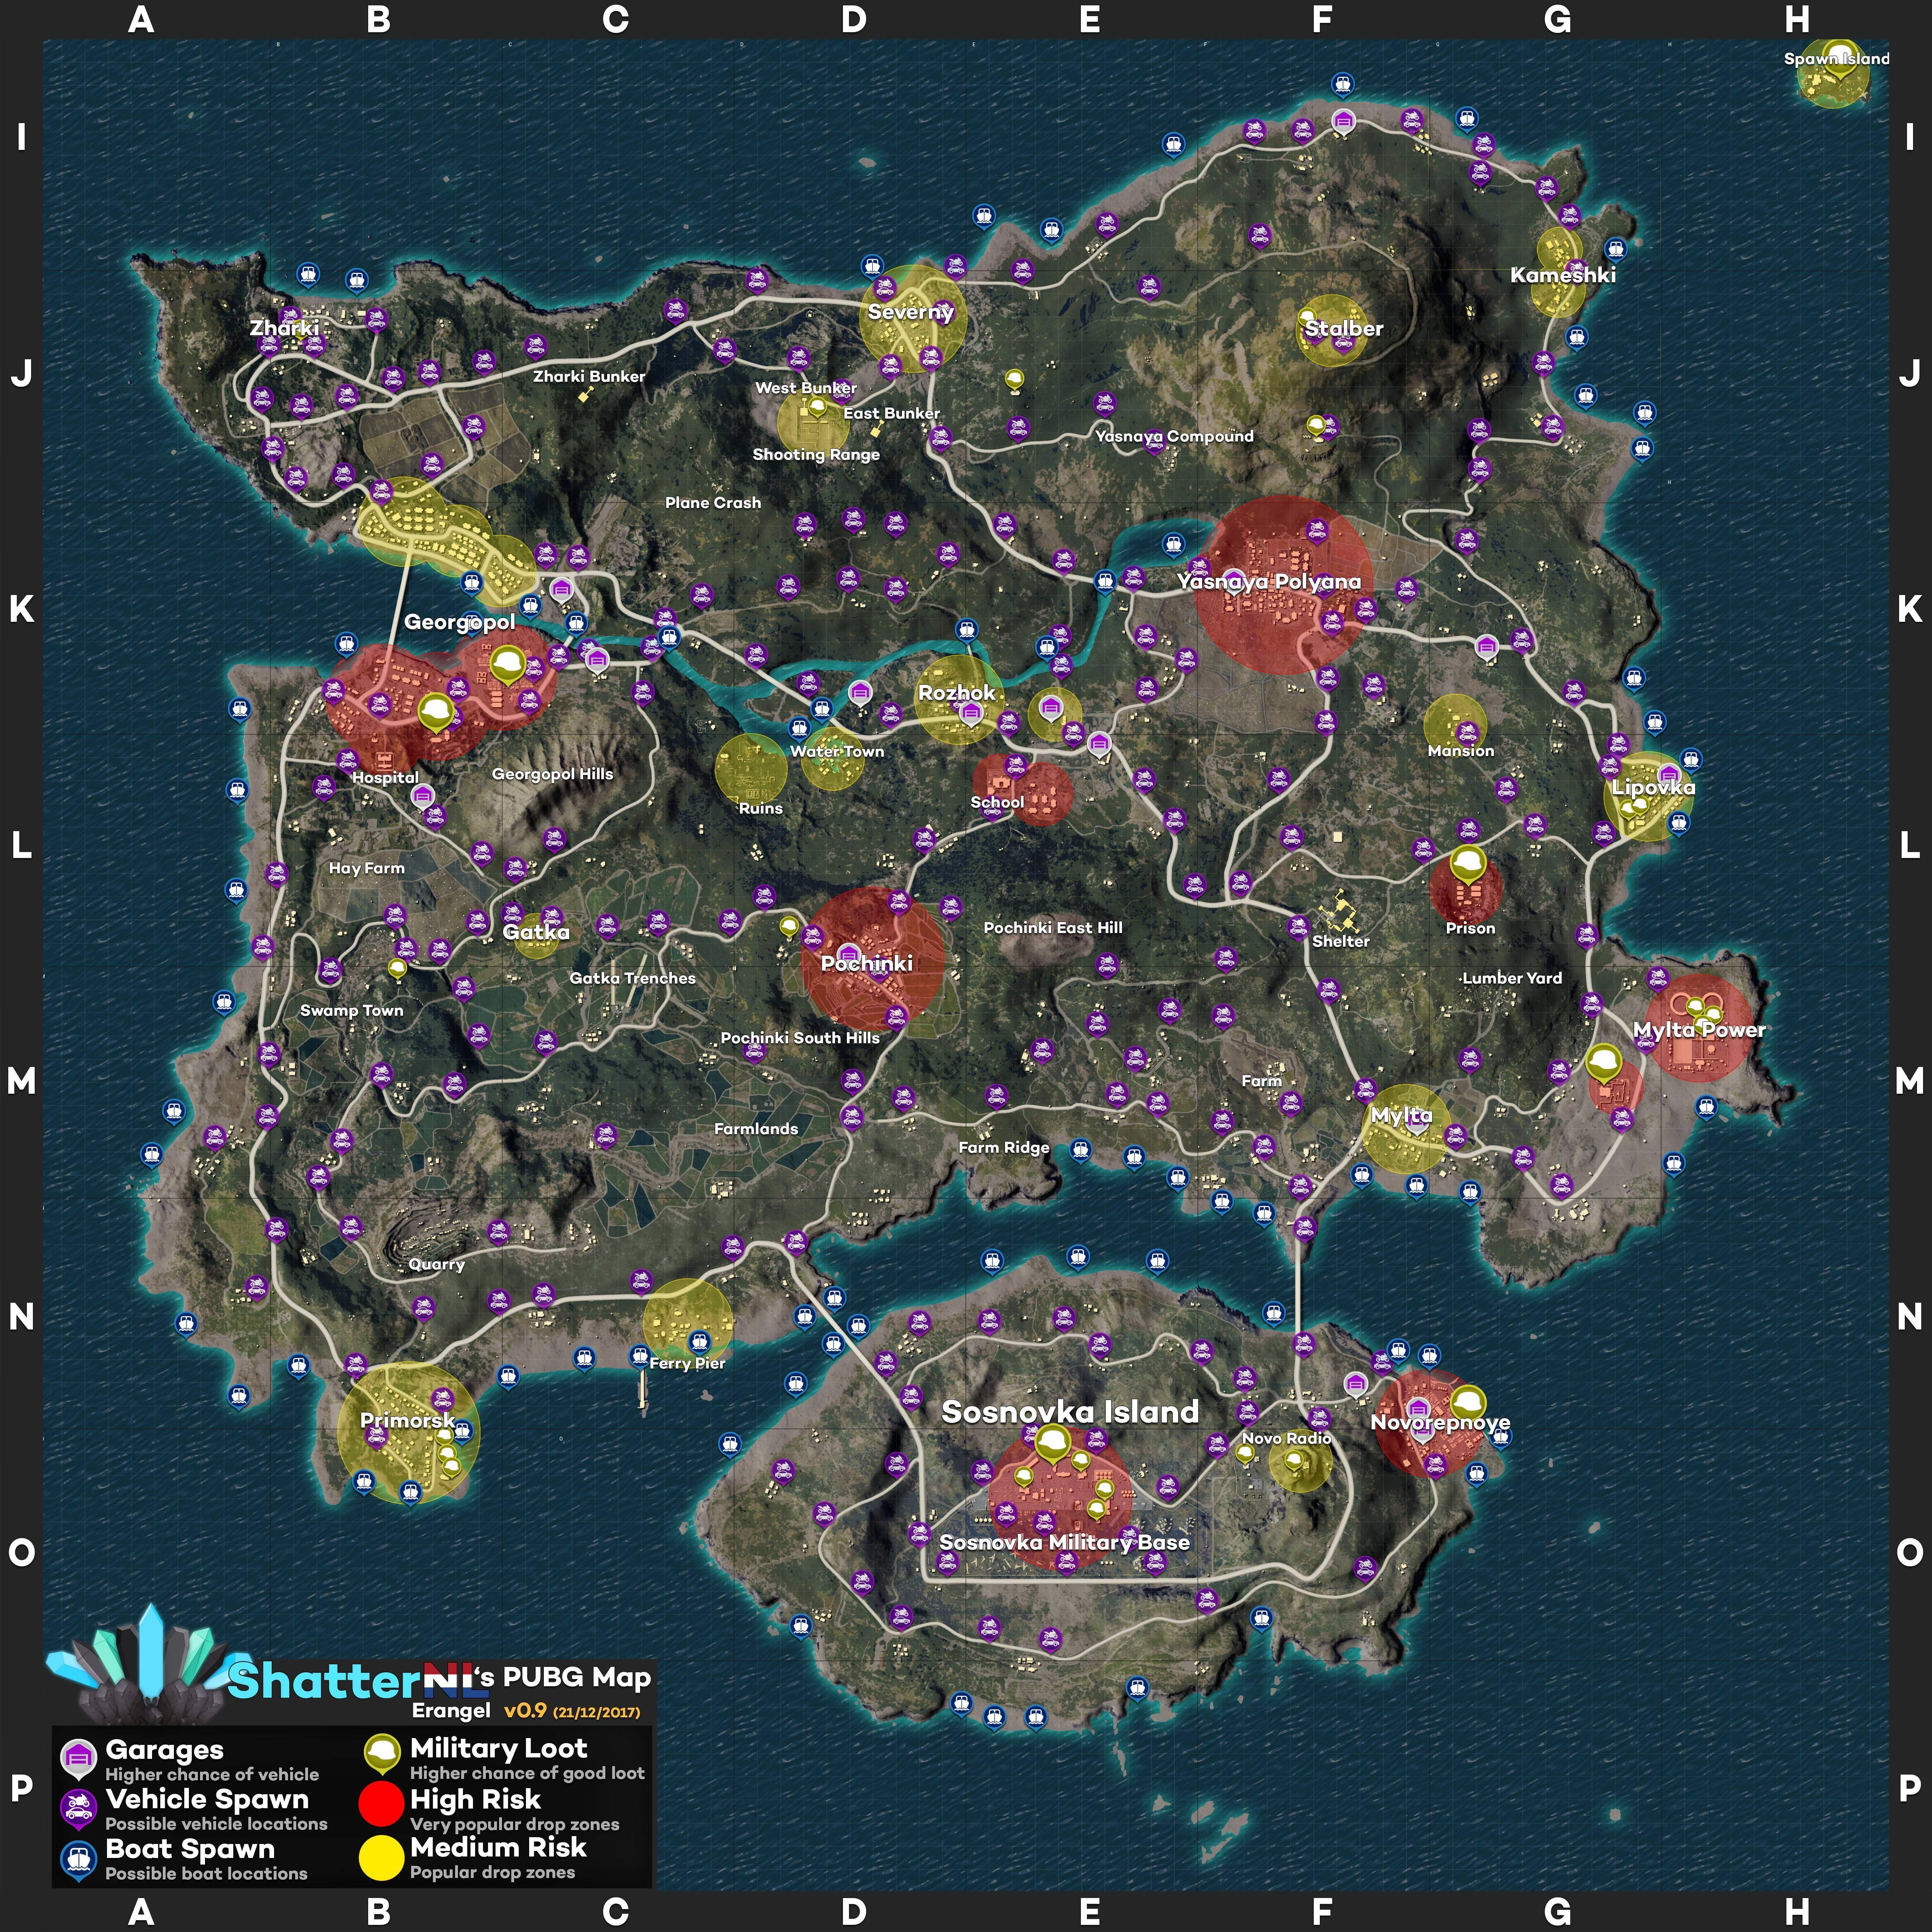 Скачать a server spawn map для minecraft.